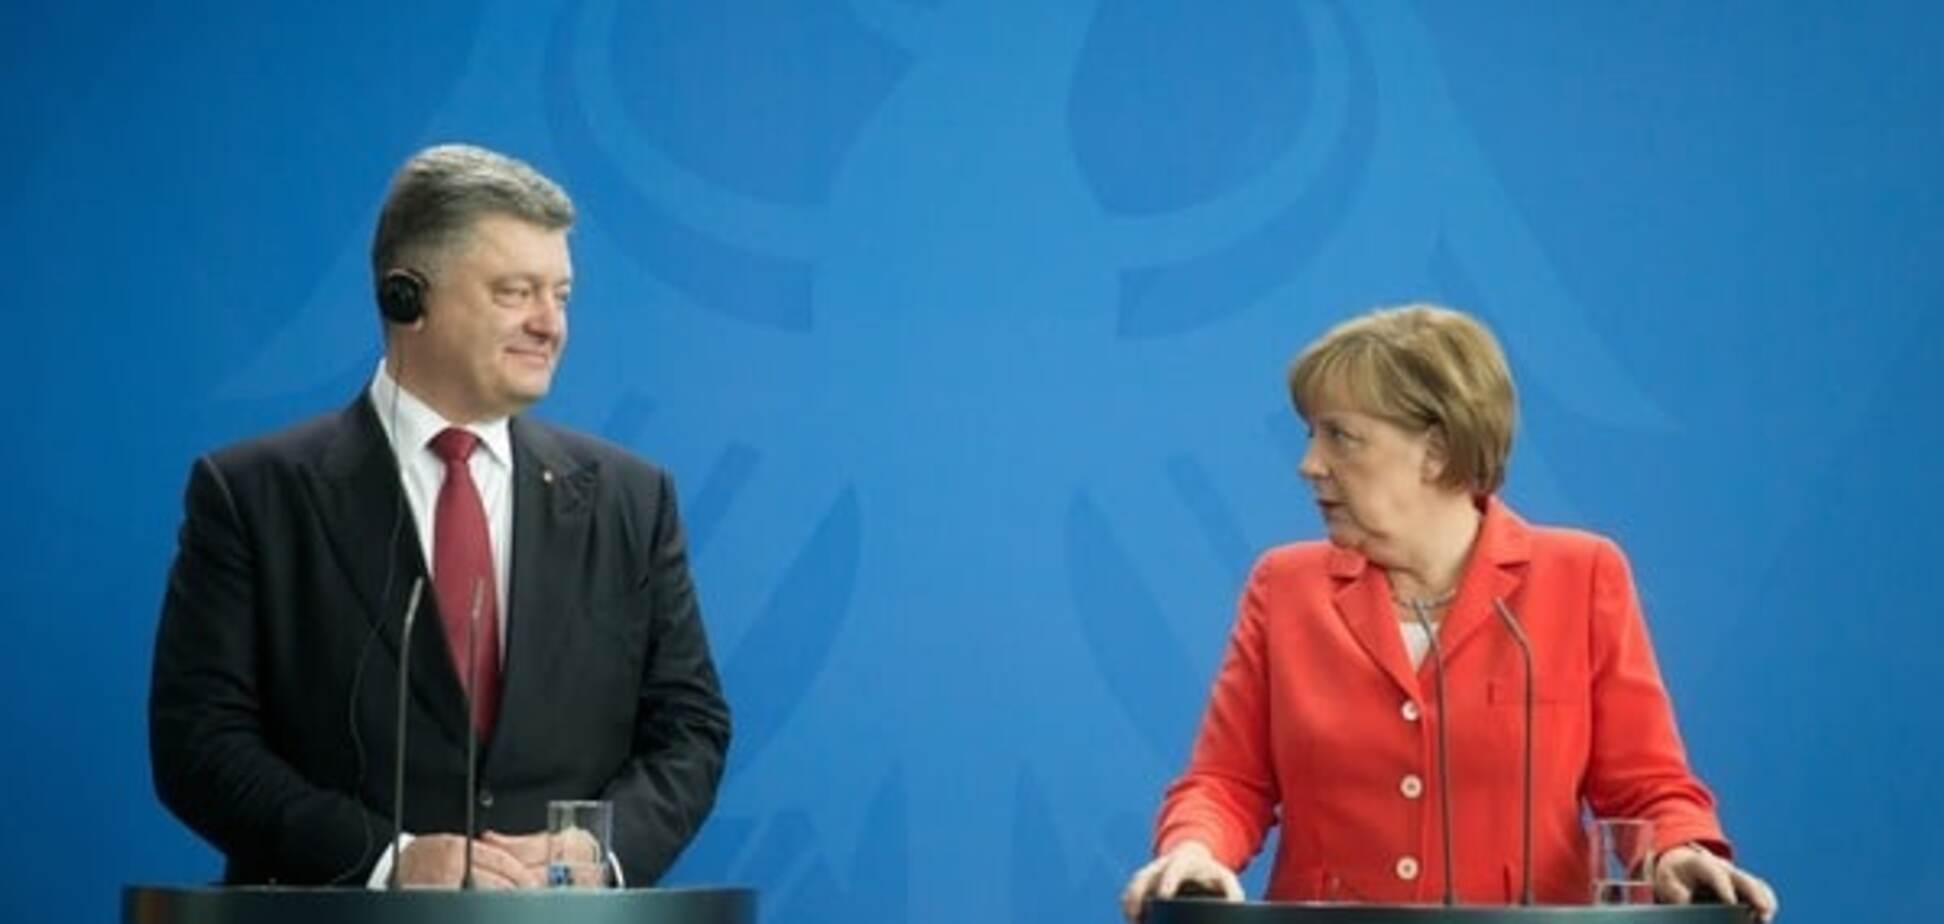 Мінськ-2: Меркель заявила про позицію ЄС щодо санкцій для Росії